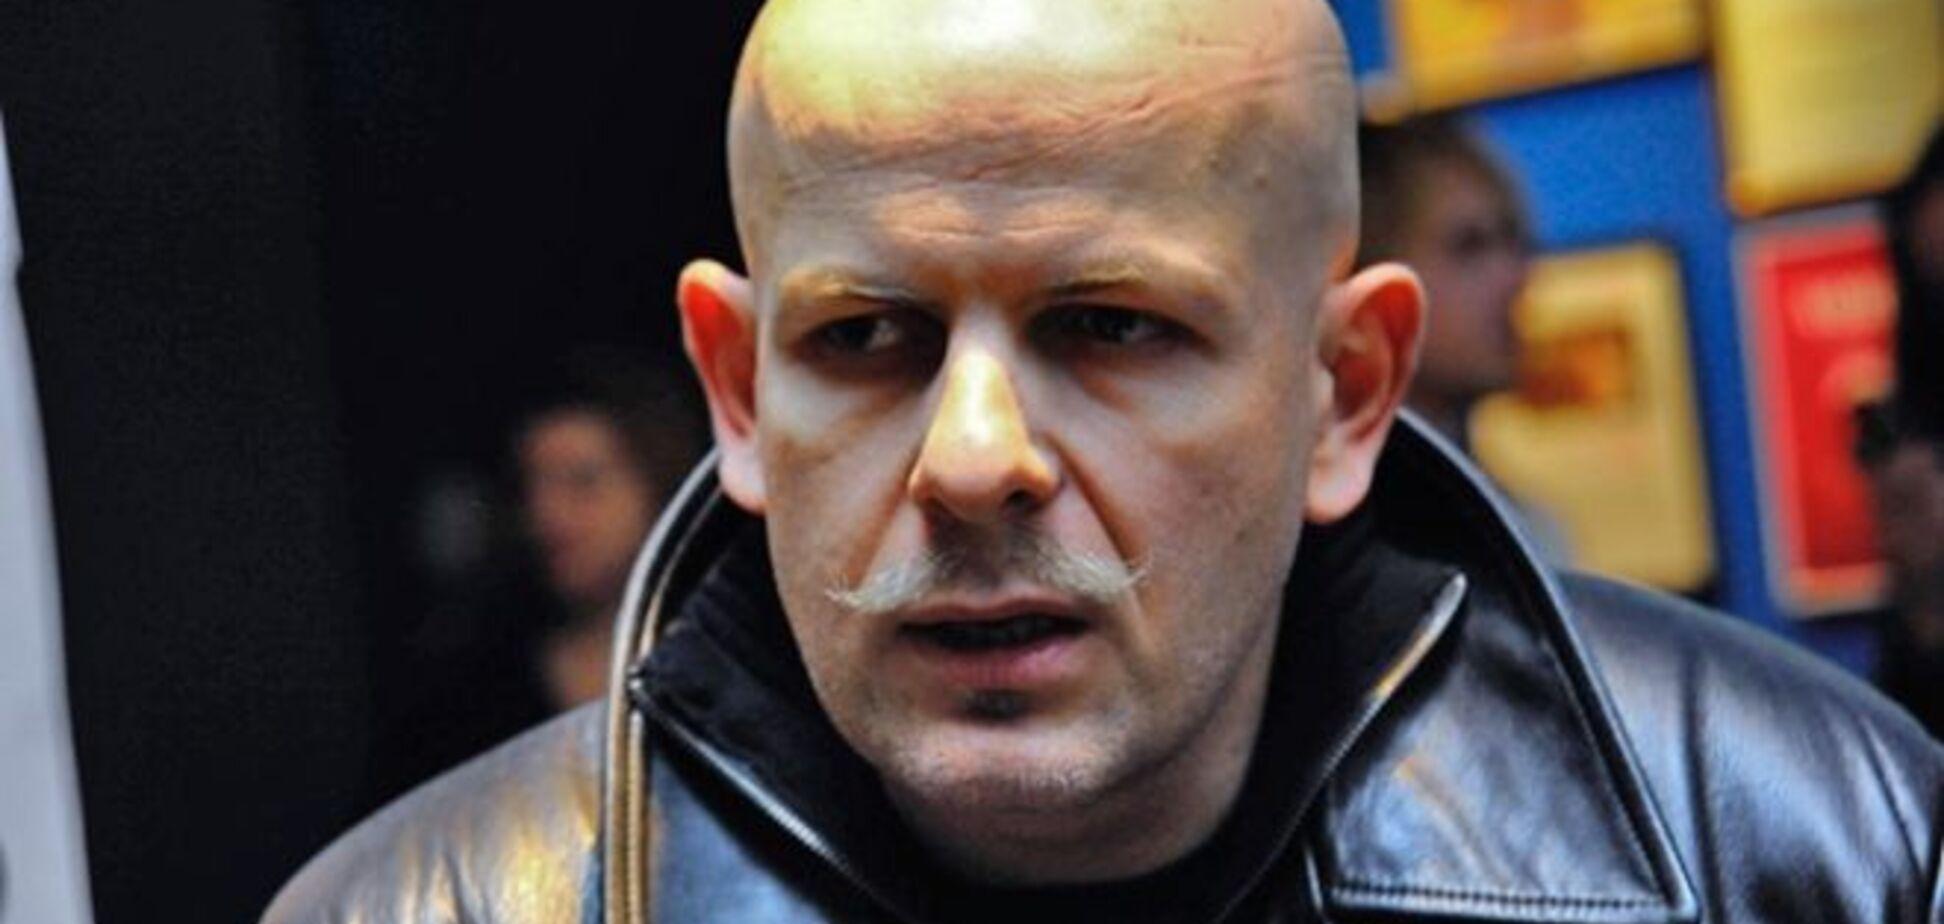 Бузина заявил, что в 'Сегодня' ему запрещали критиковать Яценюка